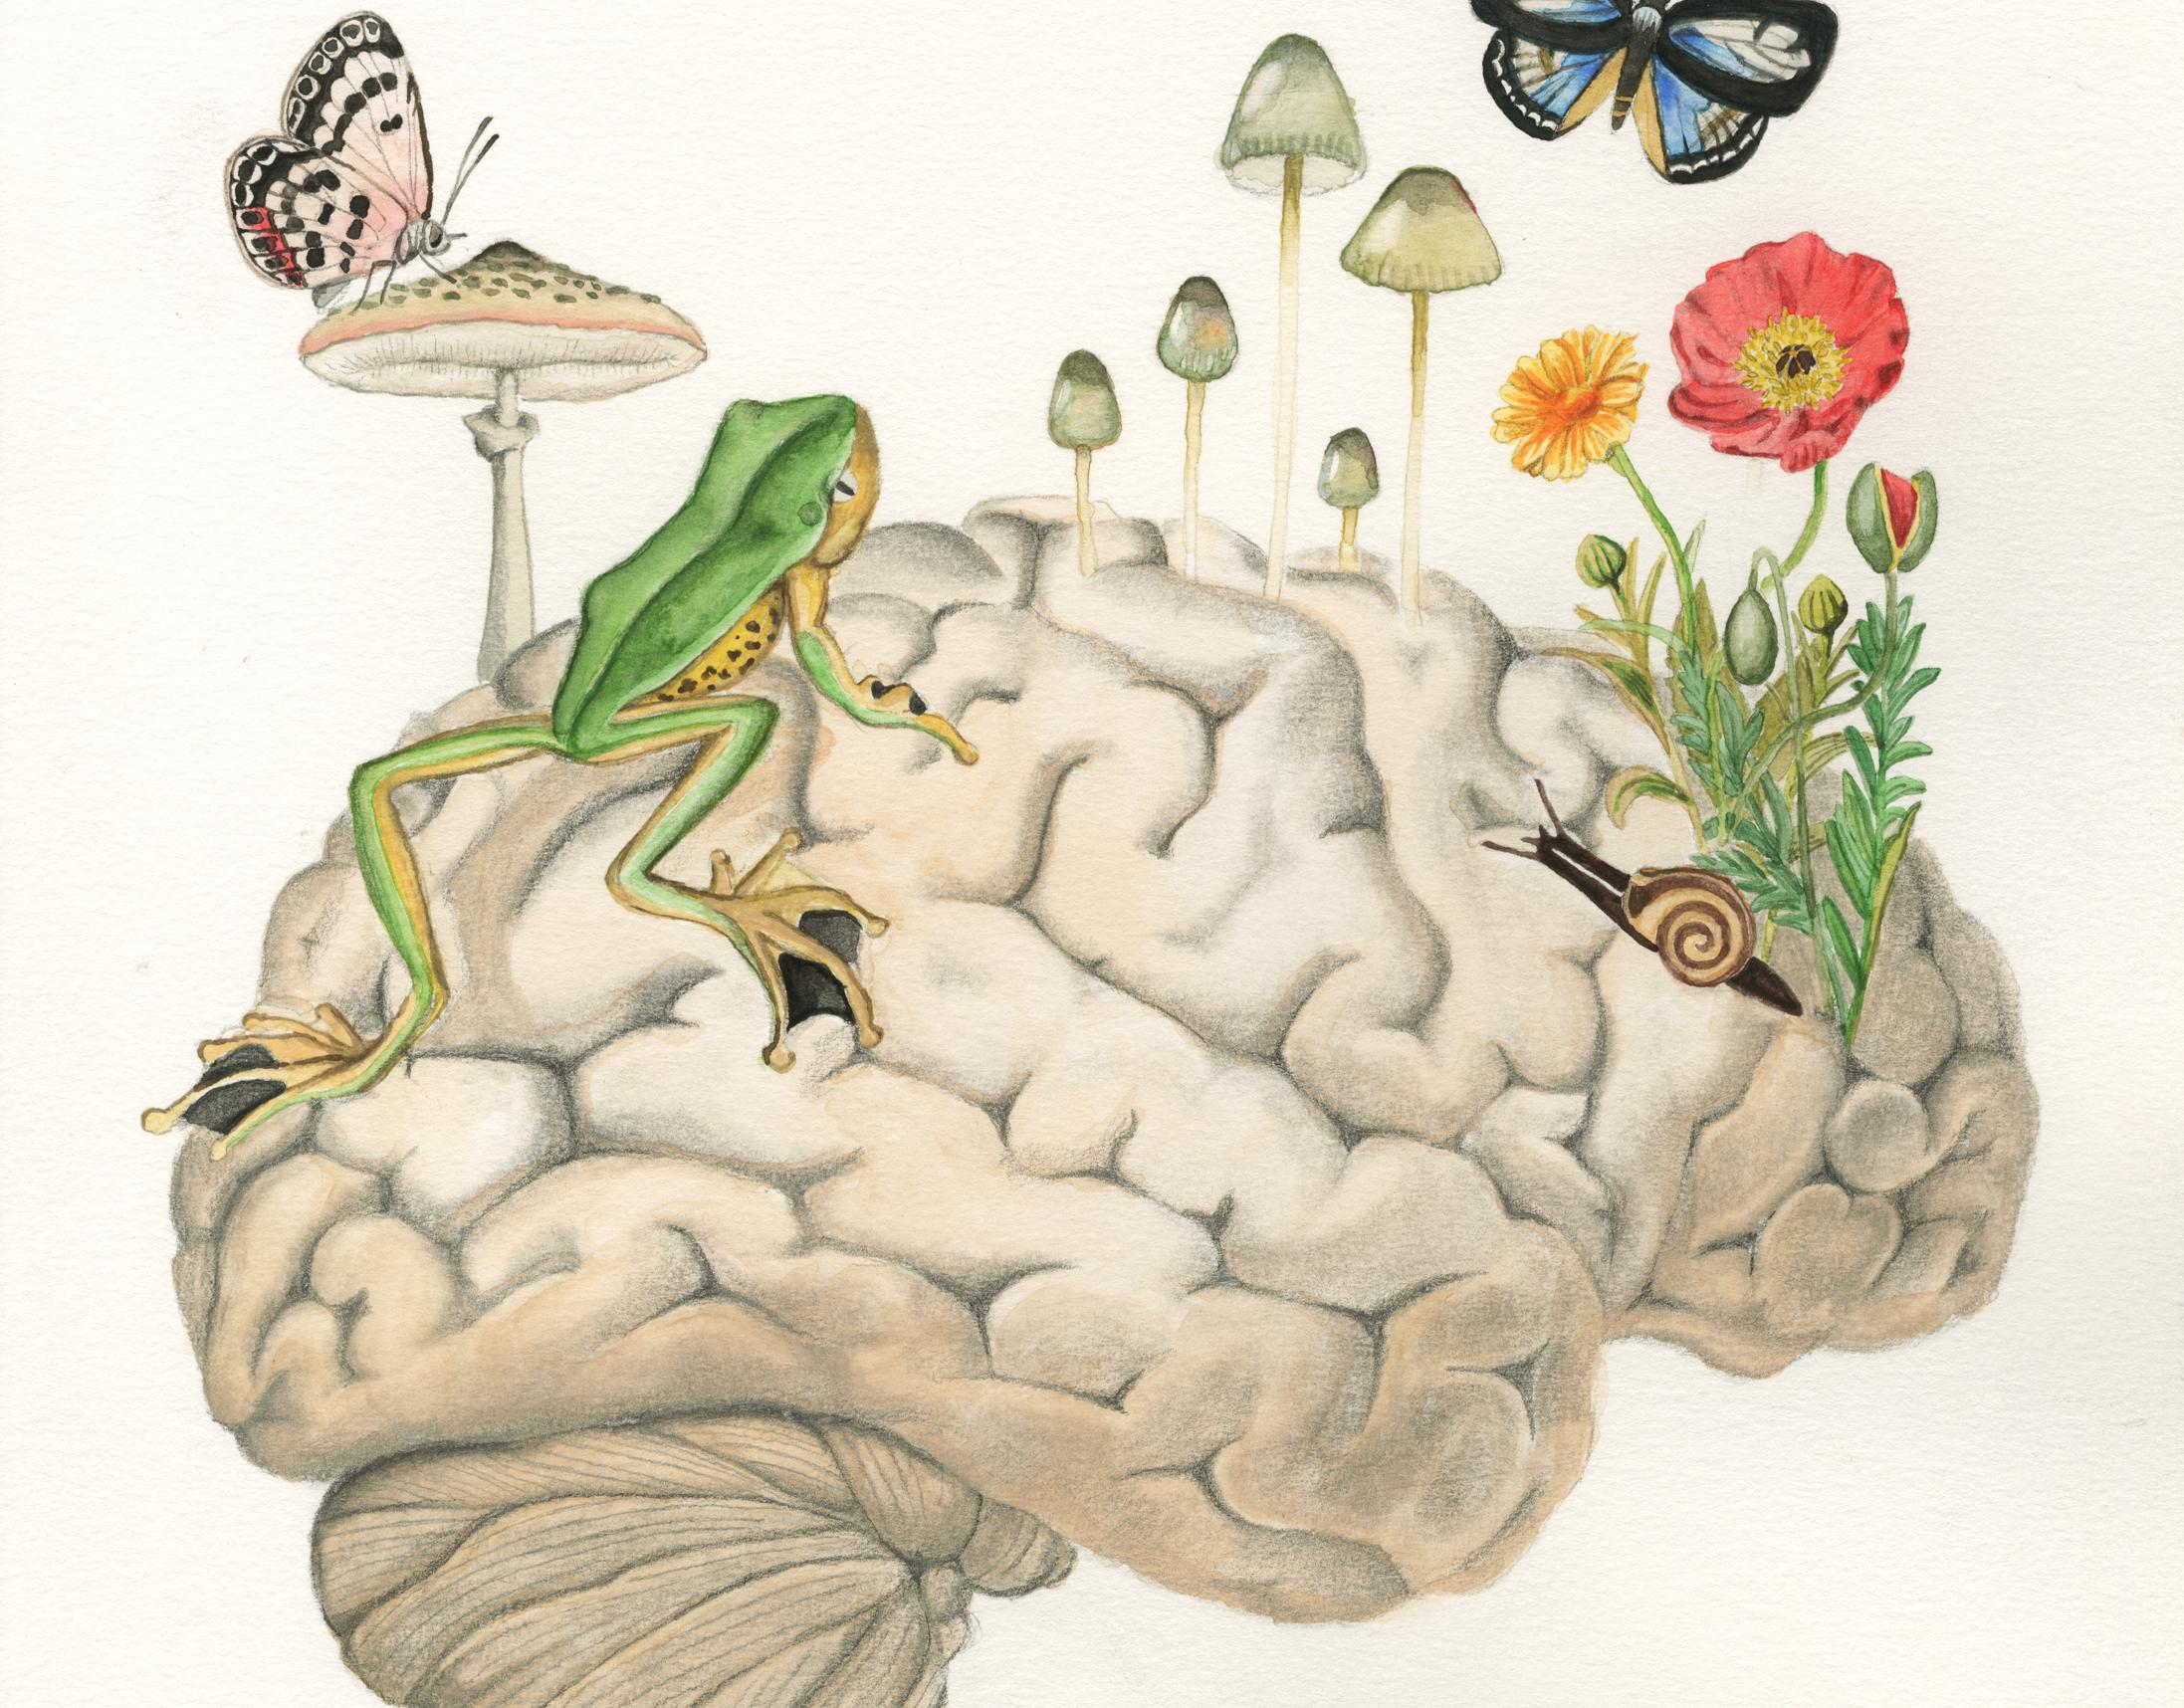 Full Size of Hilary Bouvier Illustration Bullfrog Sofa Wohnzimmer Bullfrog Lulu